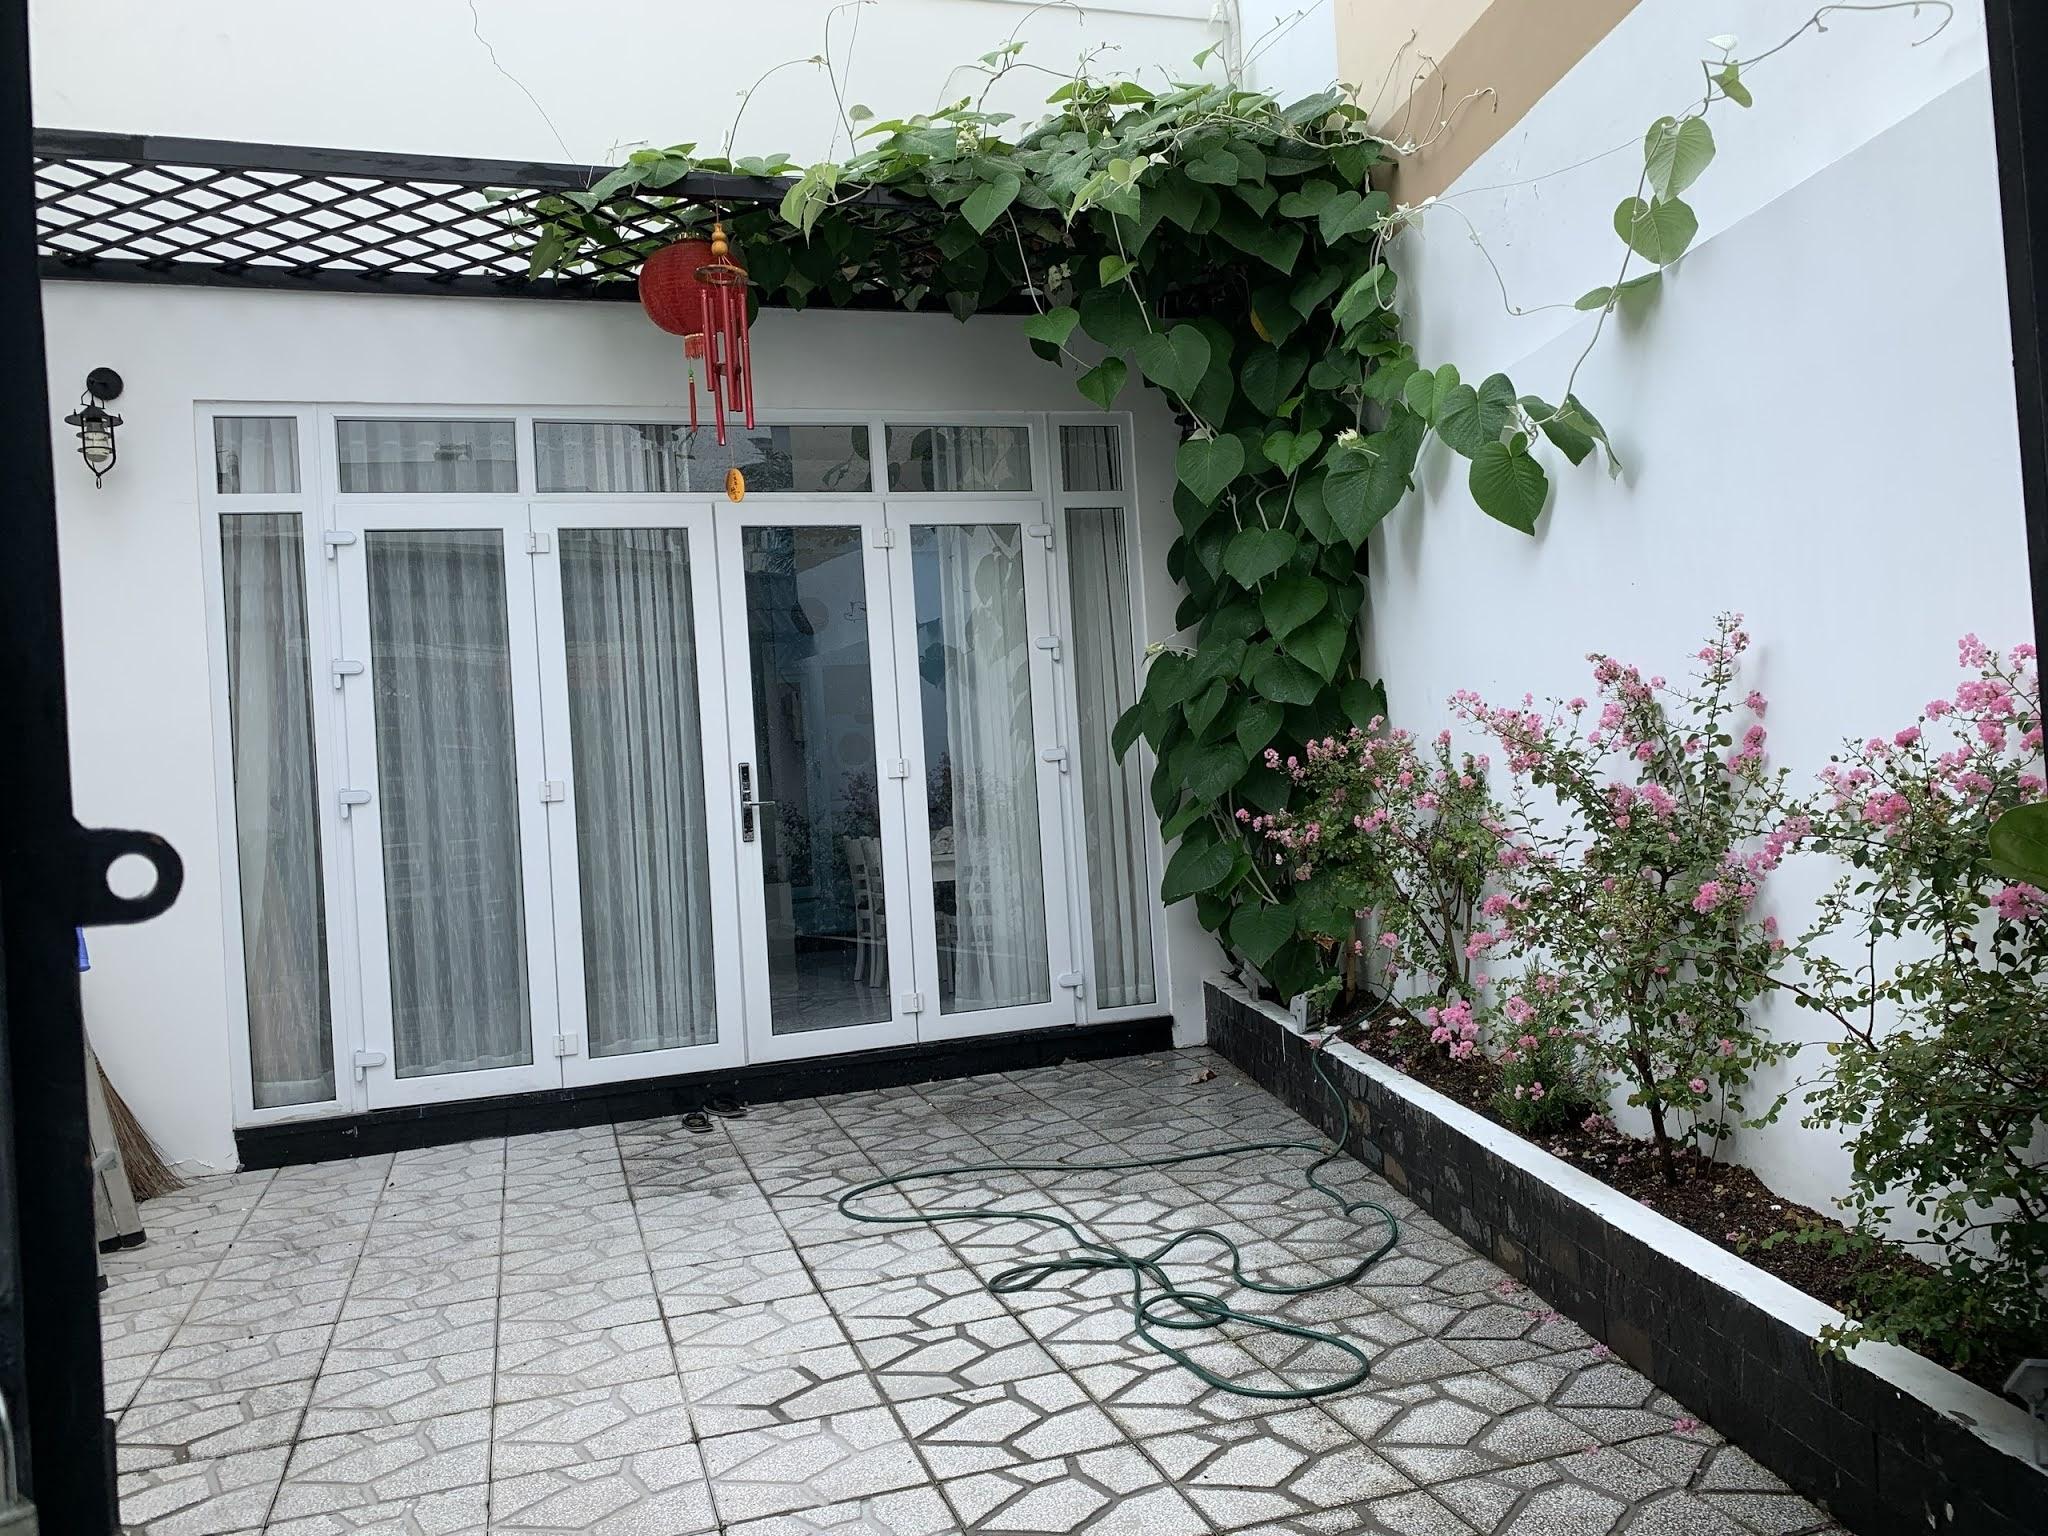 Bán nhà hẻm 251 Lê Quang Định phường 7 quận Bình Thạnh, xe hơi vào nhà